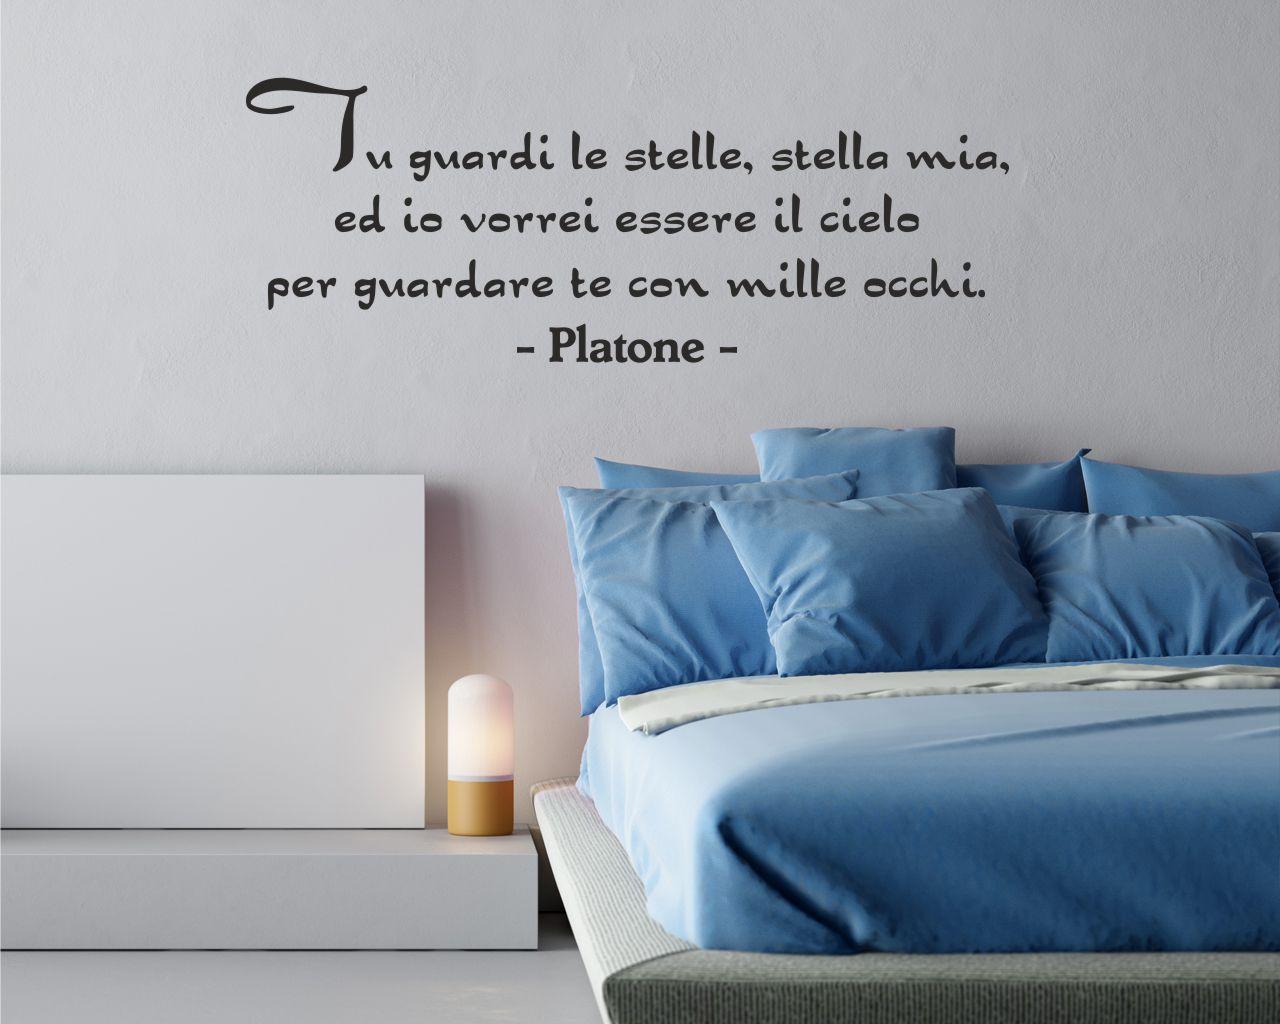 Platone Vorrei Essere Il Cielo Frasi Aforismi Citazioni Adesivo Murale